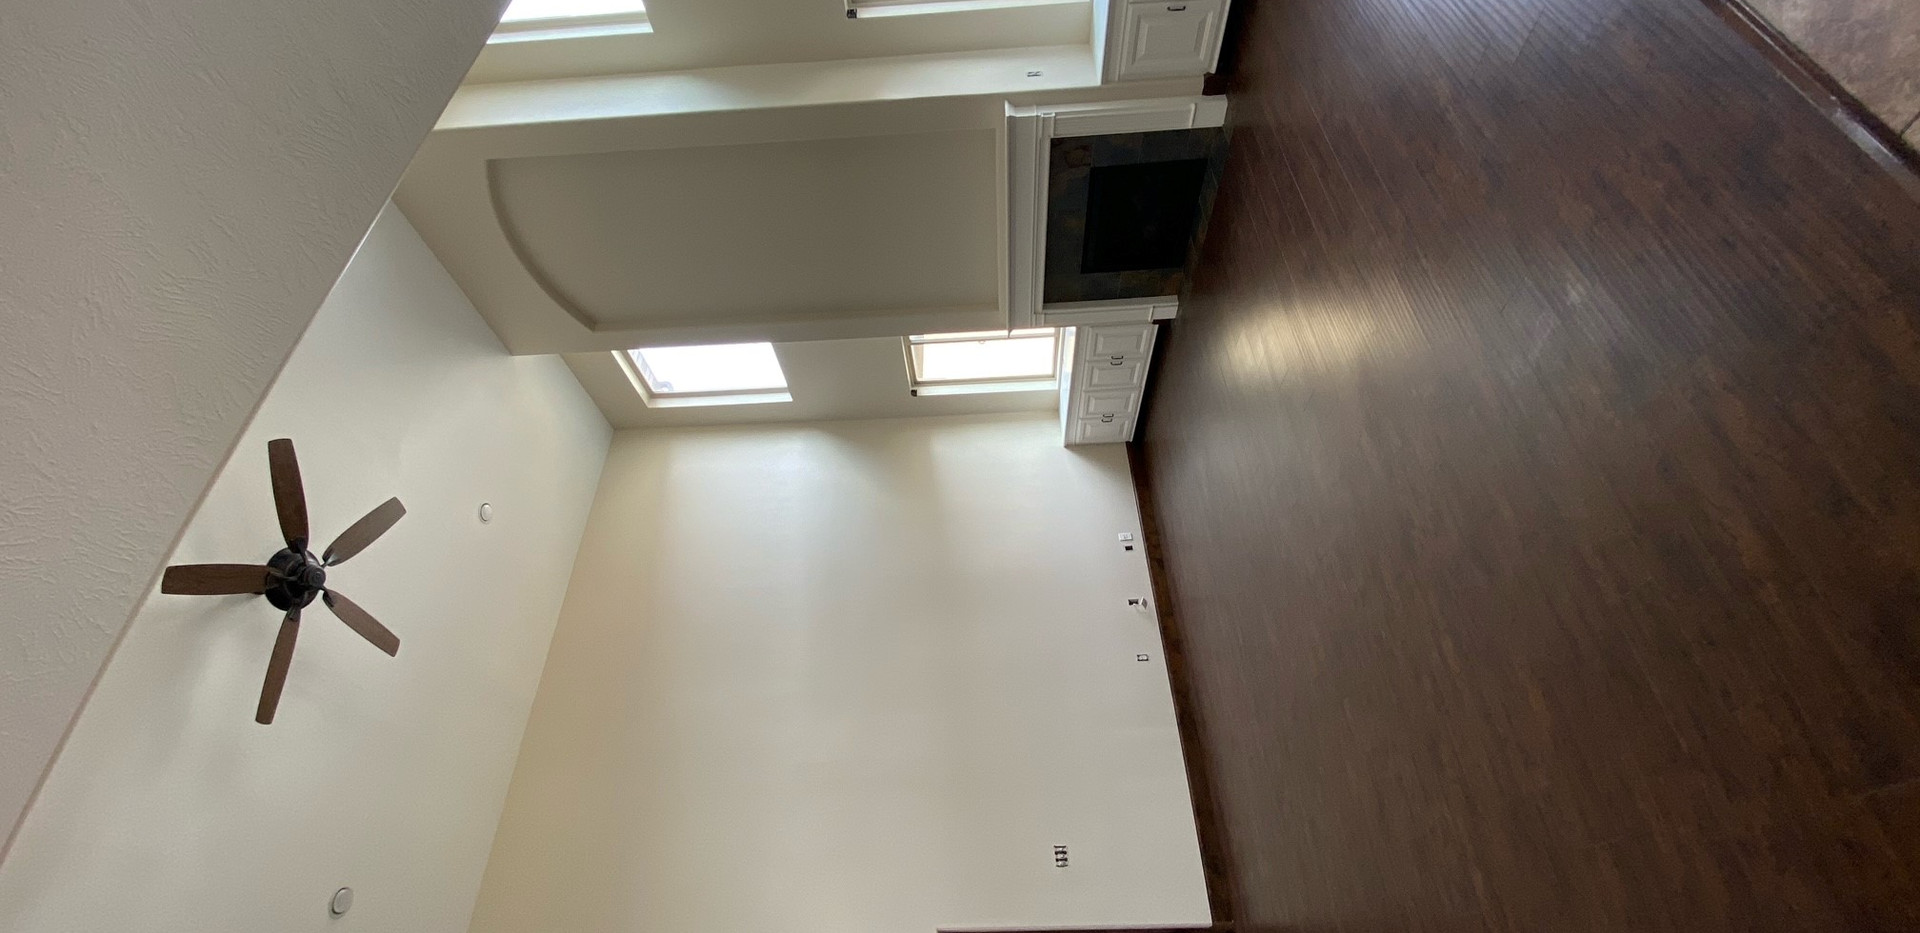 Living Room 1 After.jpg